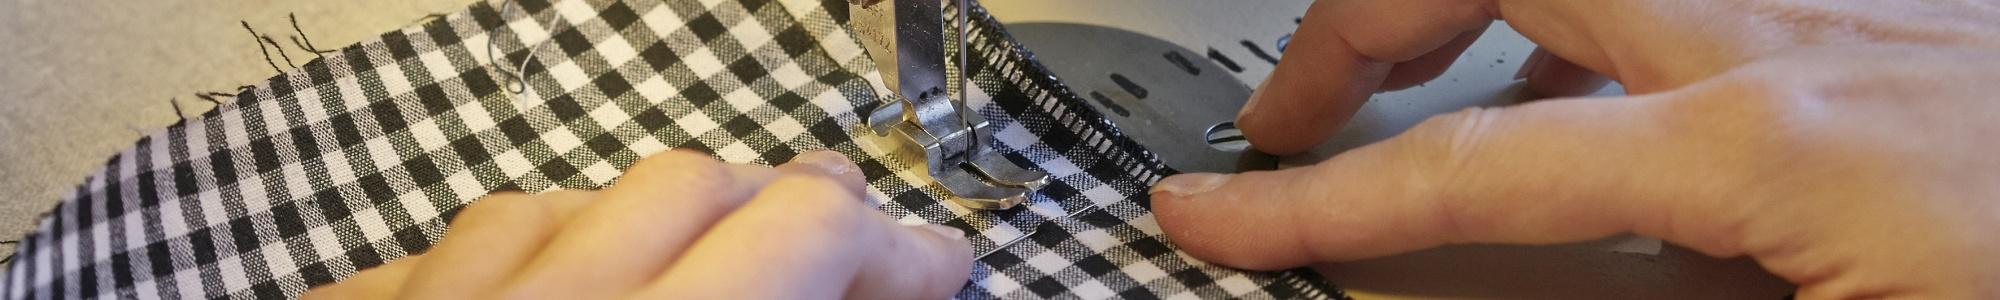 Wie ein maßgeschneidertes Kleid ensteht.-